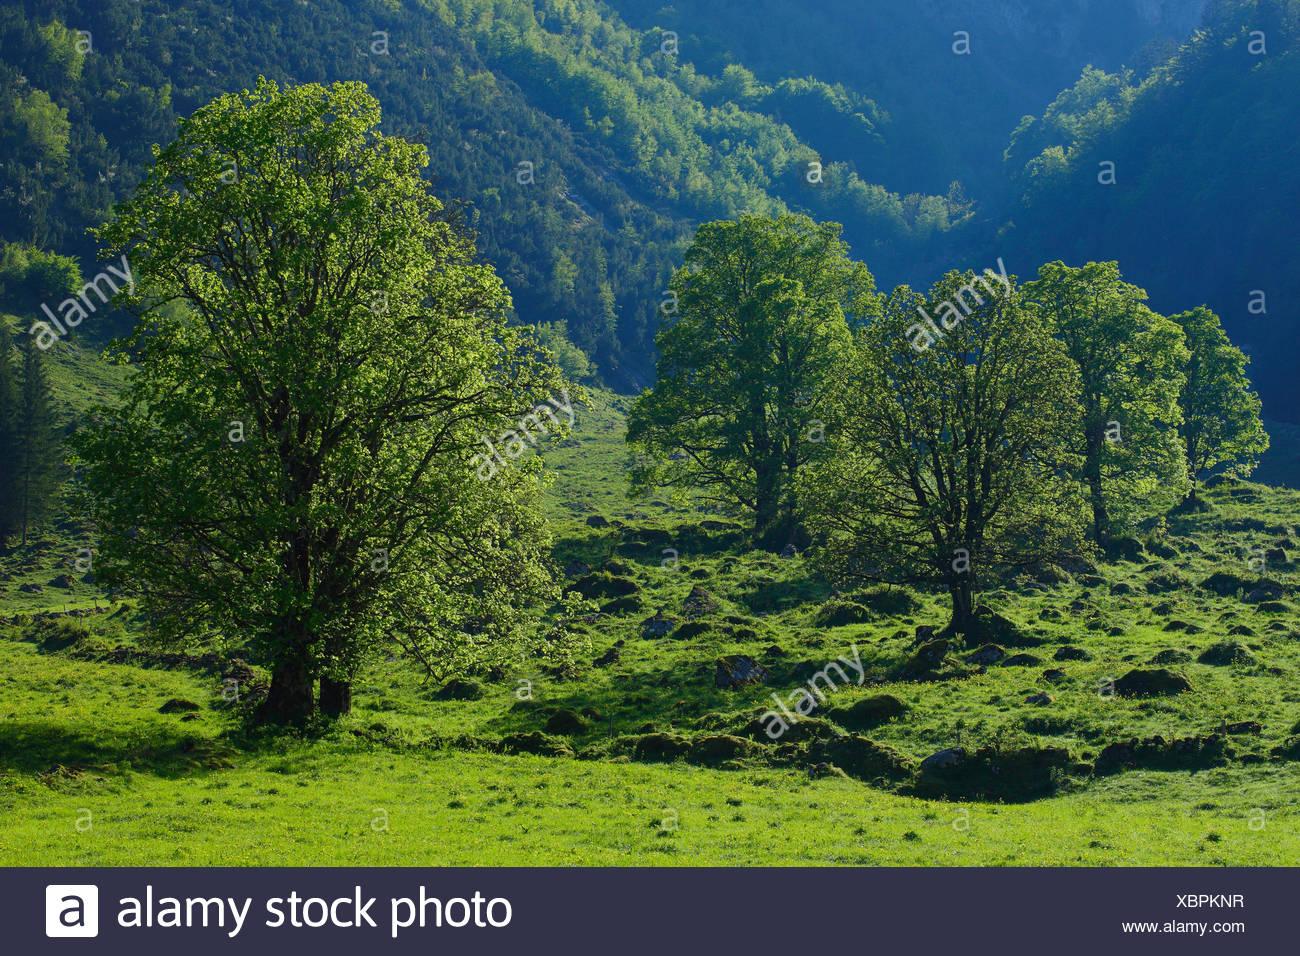 Acer pseudoplatanus, arce, árbol, montaña, sicomoros, montañas, árboles, montañas, cantón Primavera Glaris, Suiza, verde Foto de stock